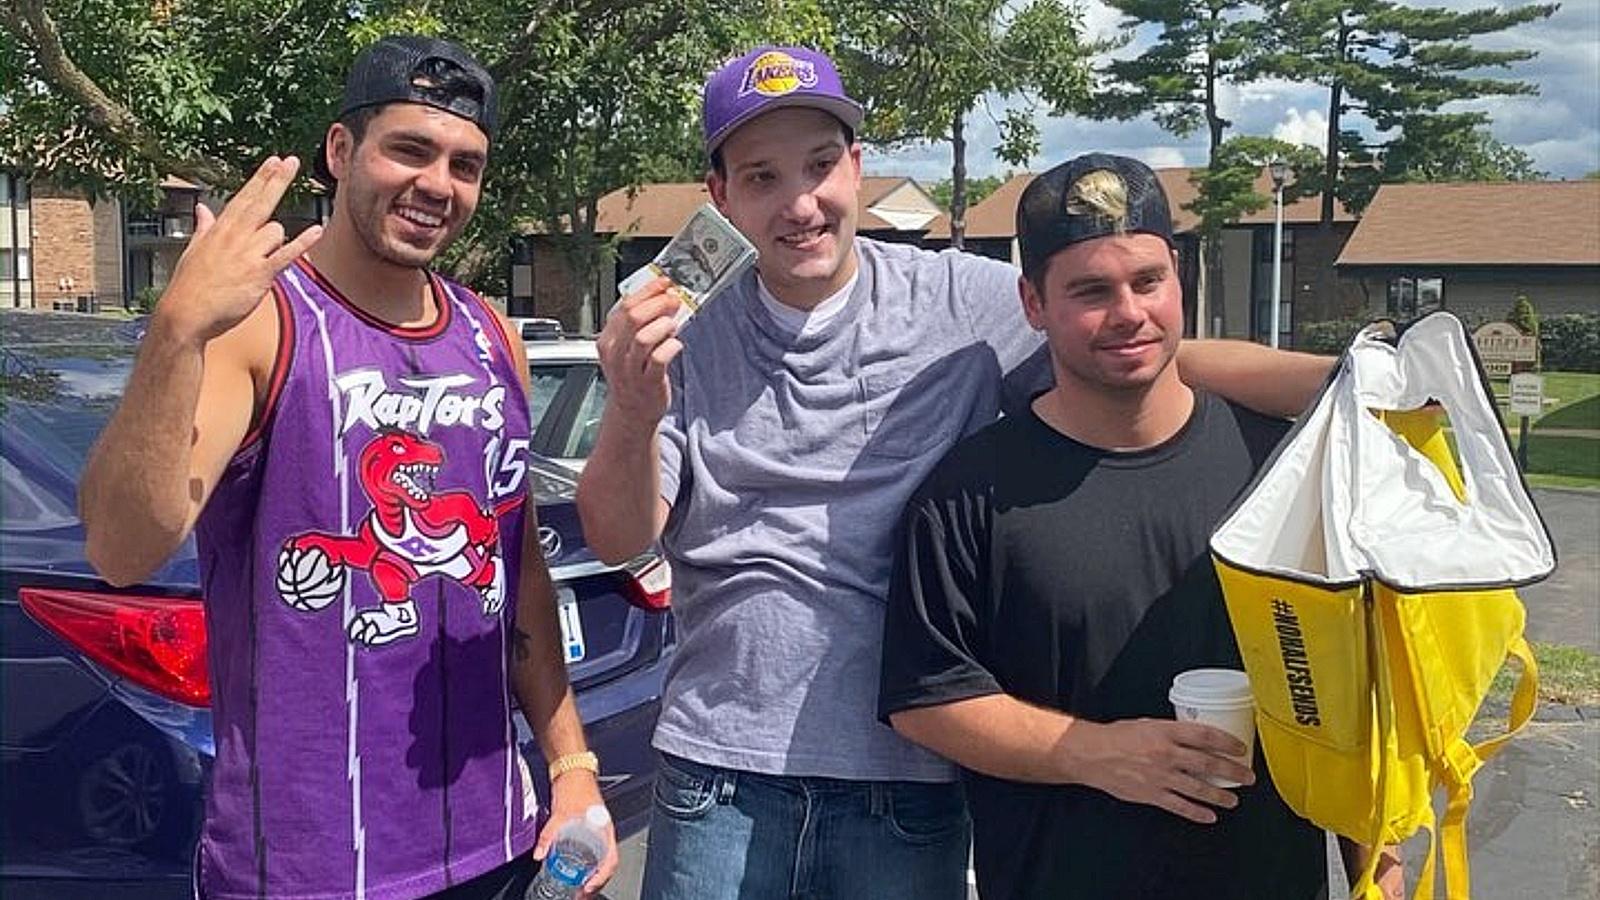 NELK Boys with fan